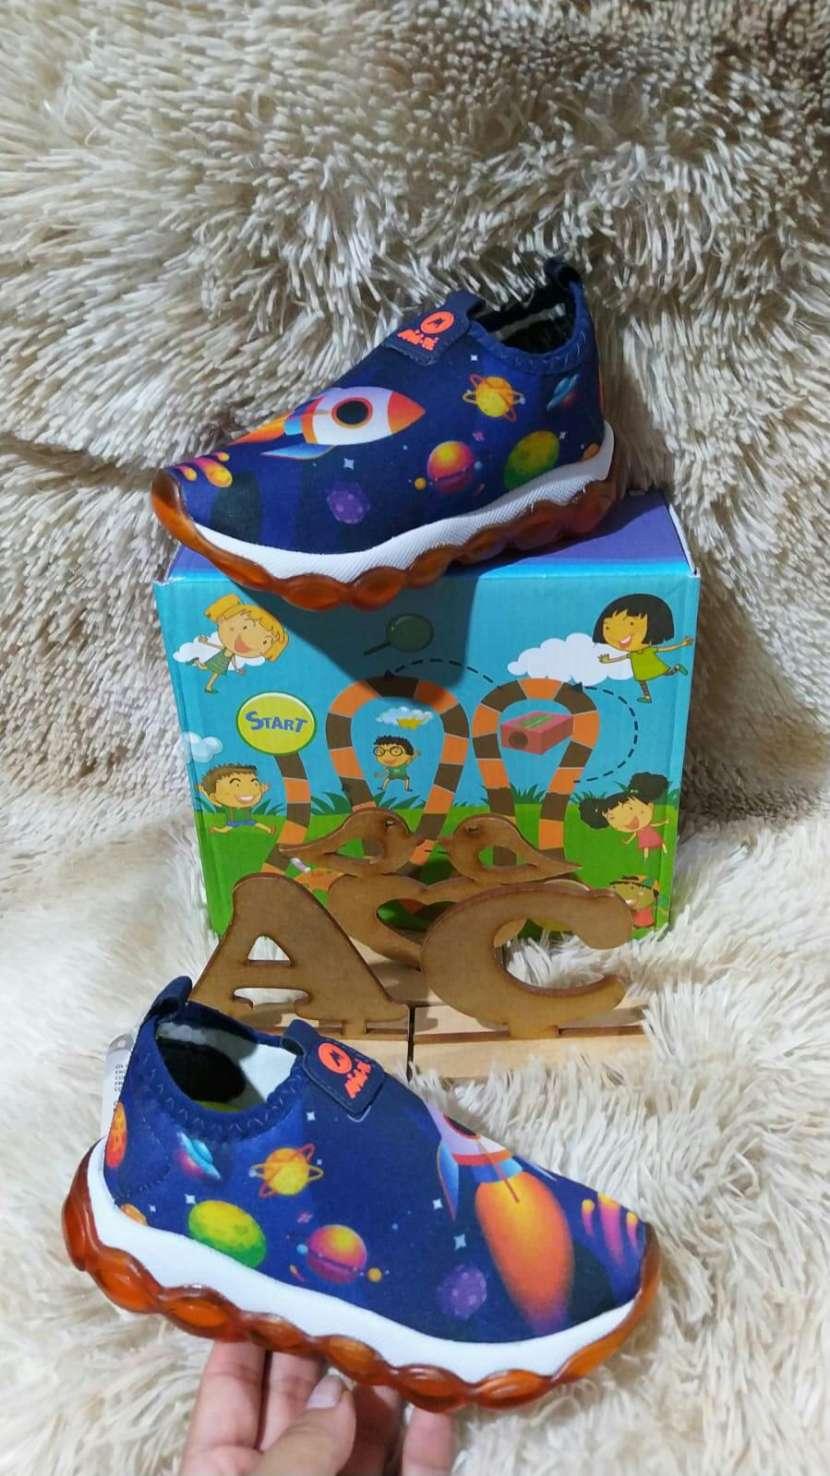 Calzados para niños calce 23 al 33 - 2